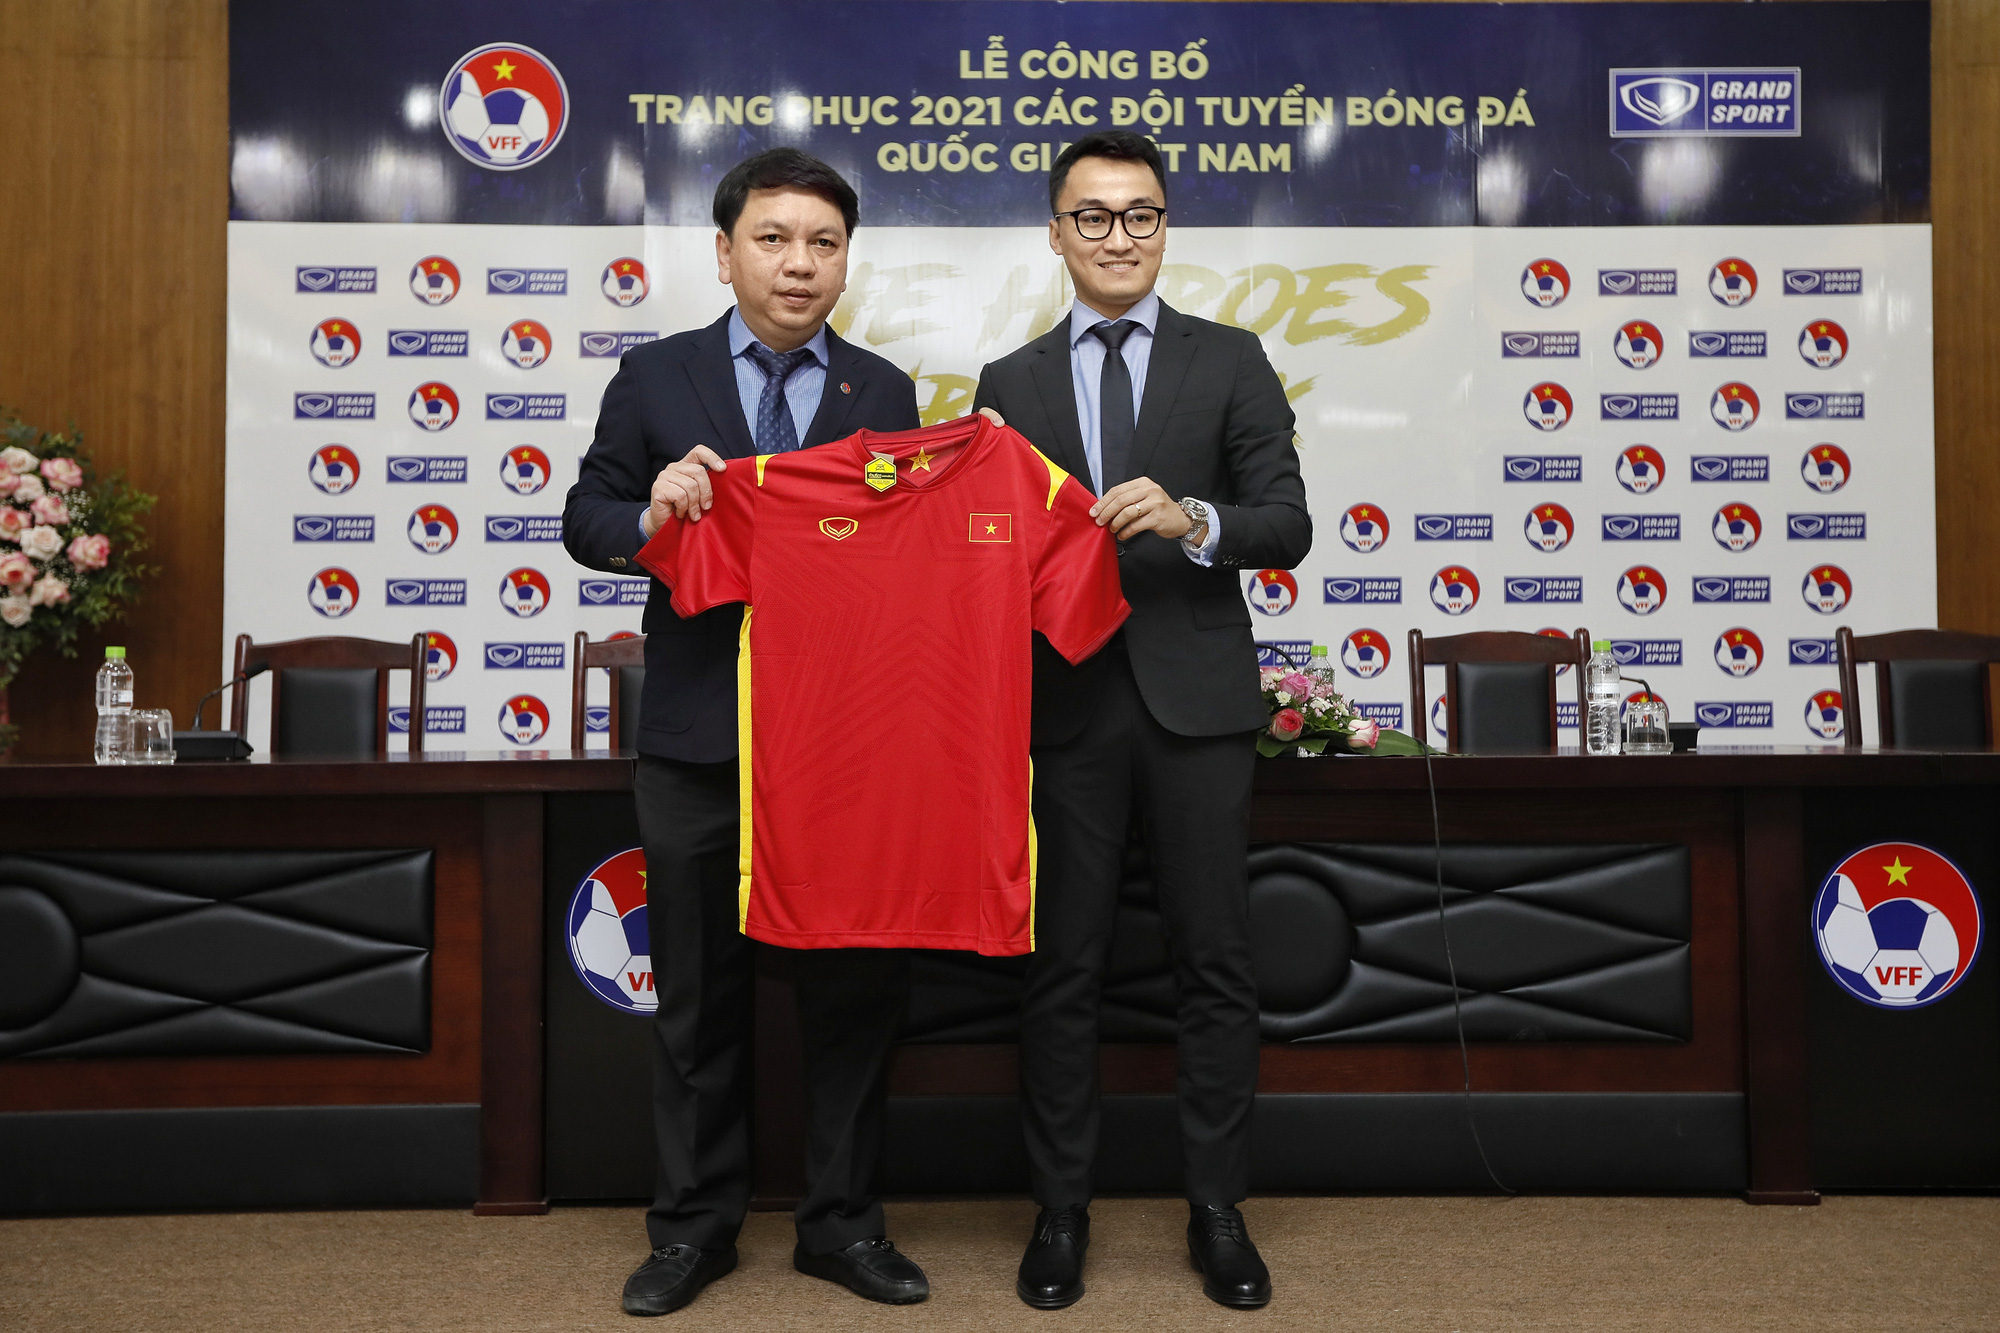 Grand Sport ra mắt mẫu áo thi đấu của ĐT Việt Nam - Ảnh 2.